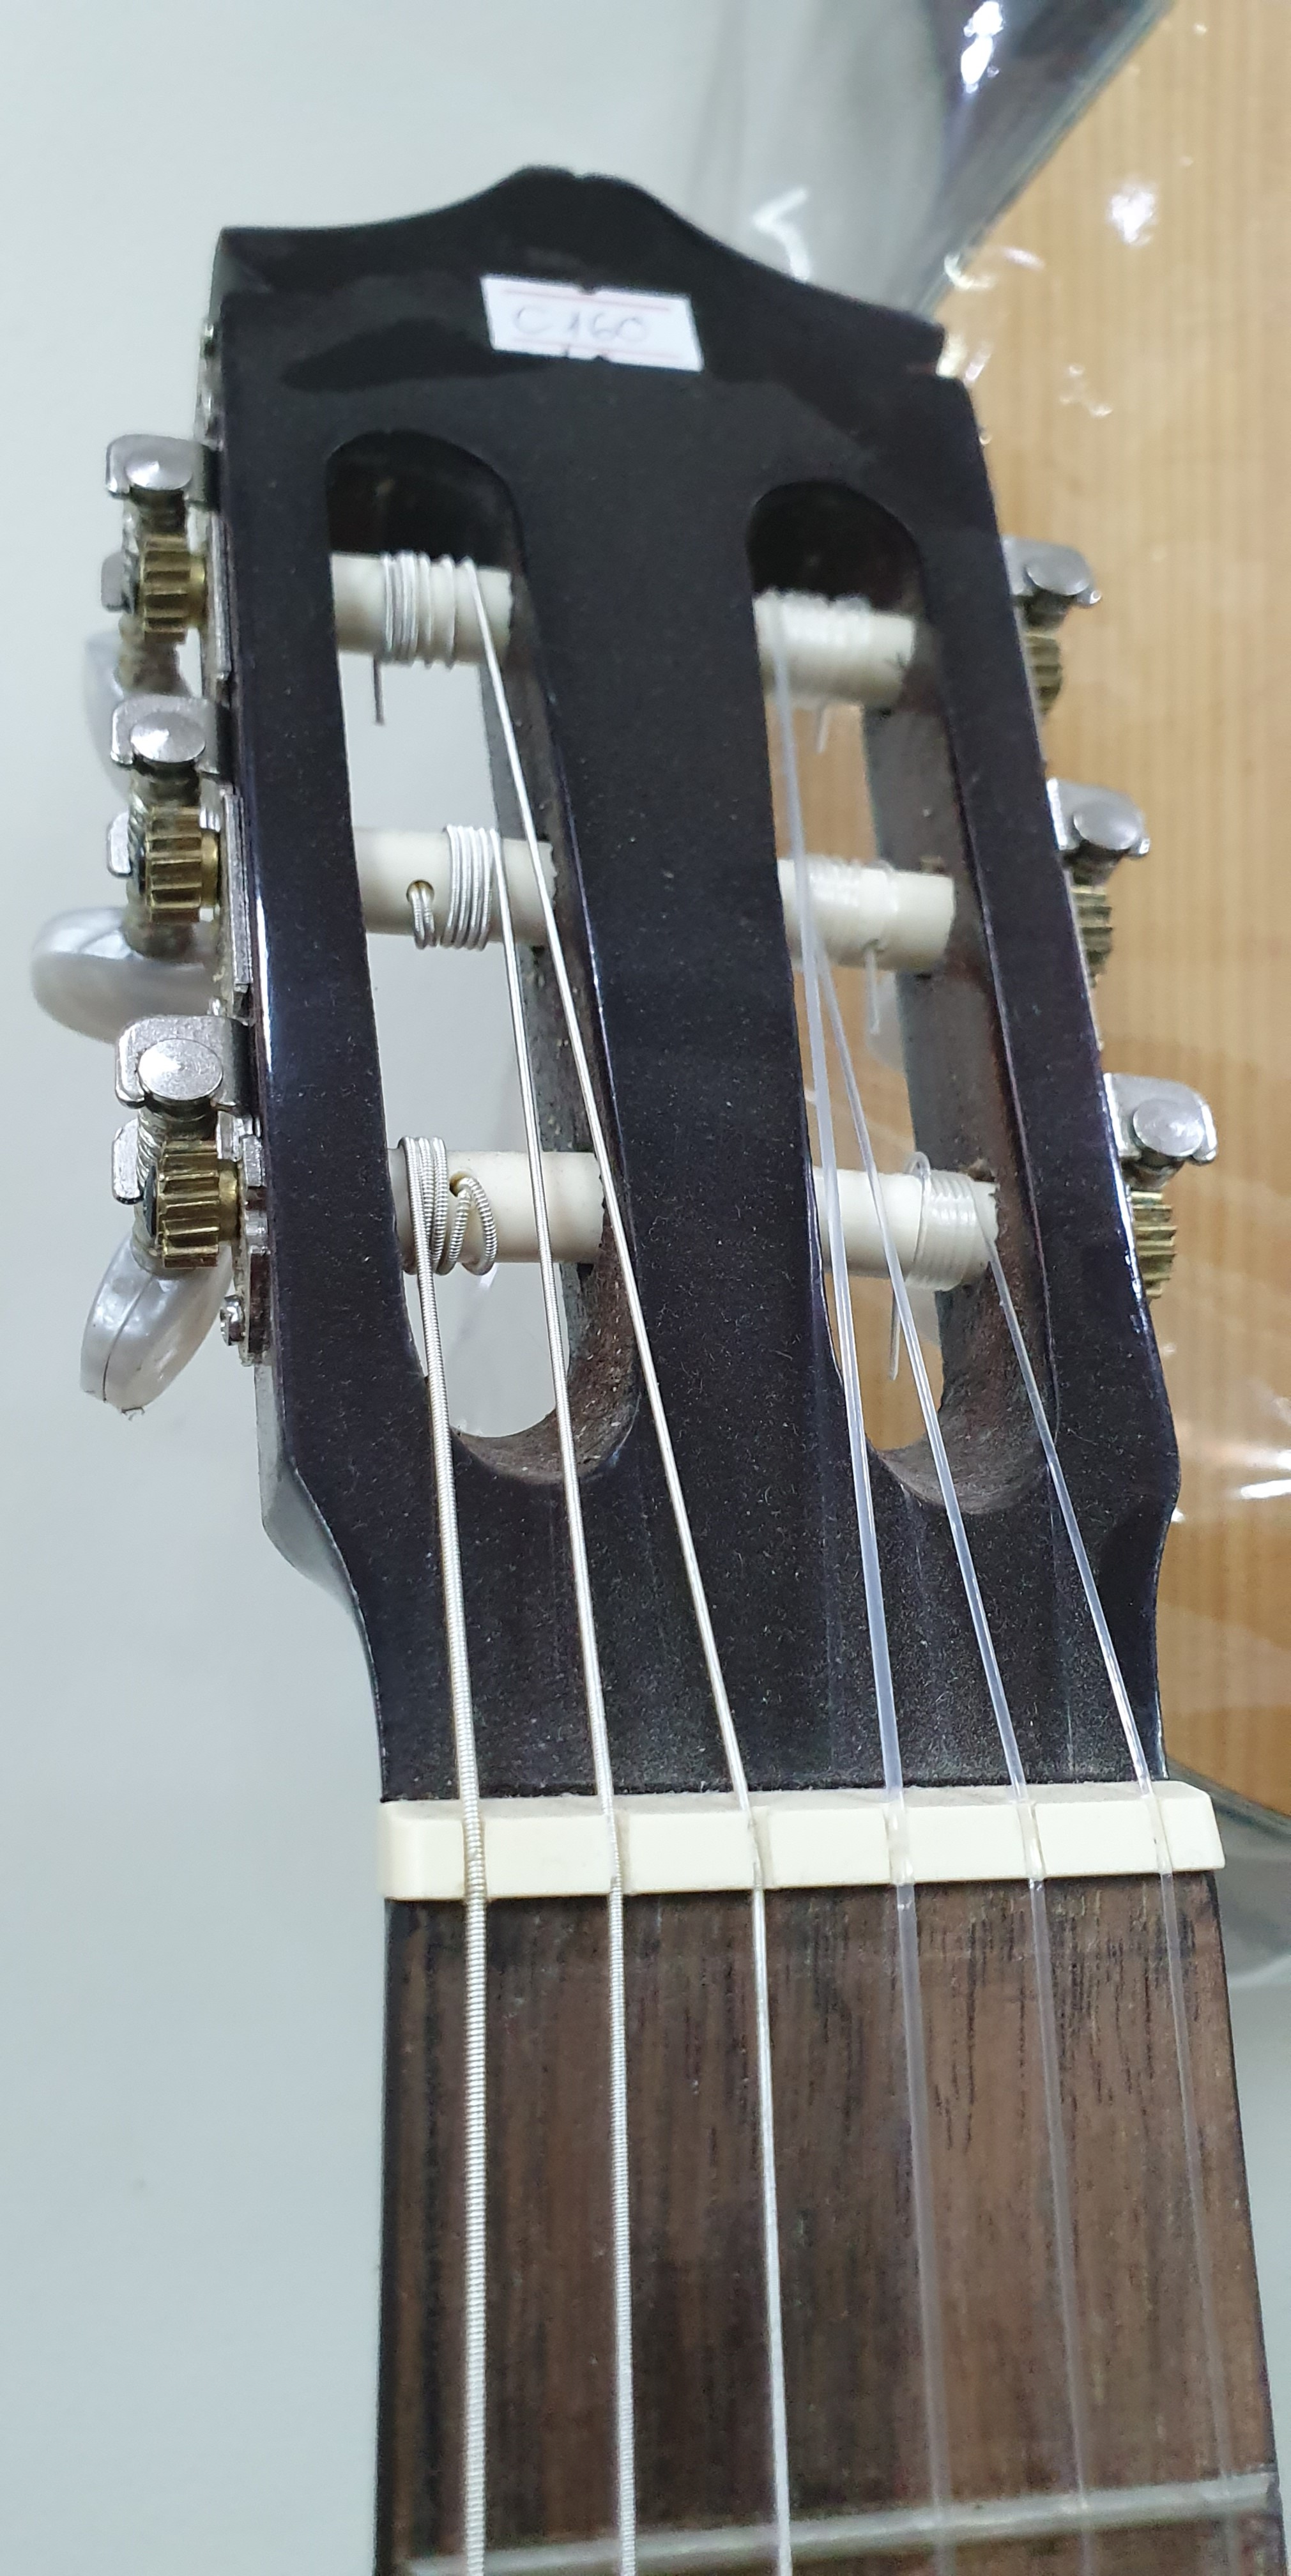 Đàn guitar Classic MKC165, thùng tròn, vân gỗ, size 4, kèm bao da dầy, bộ dây